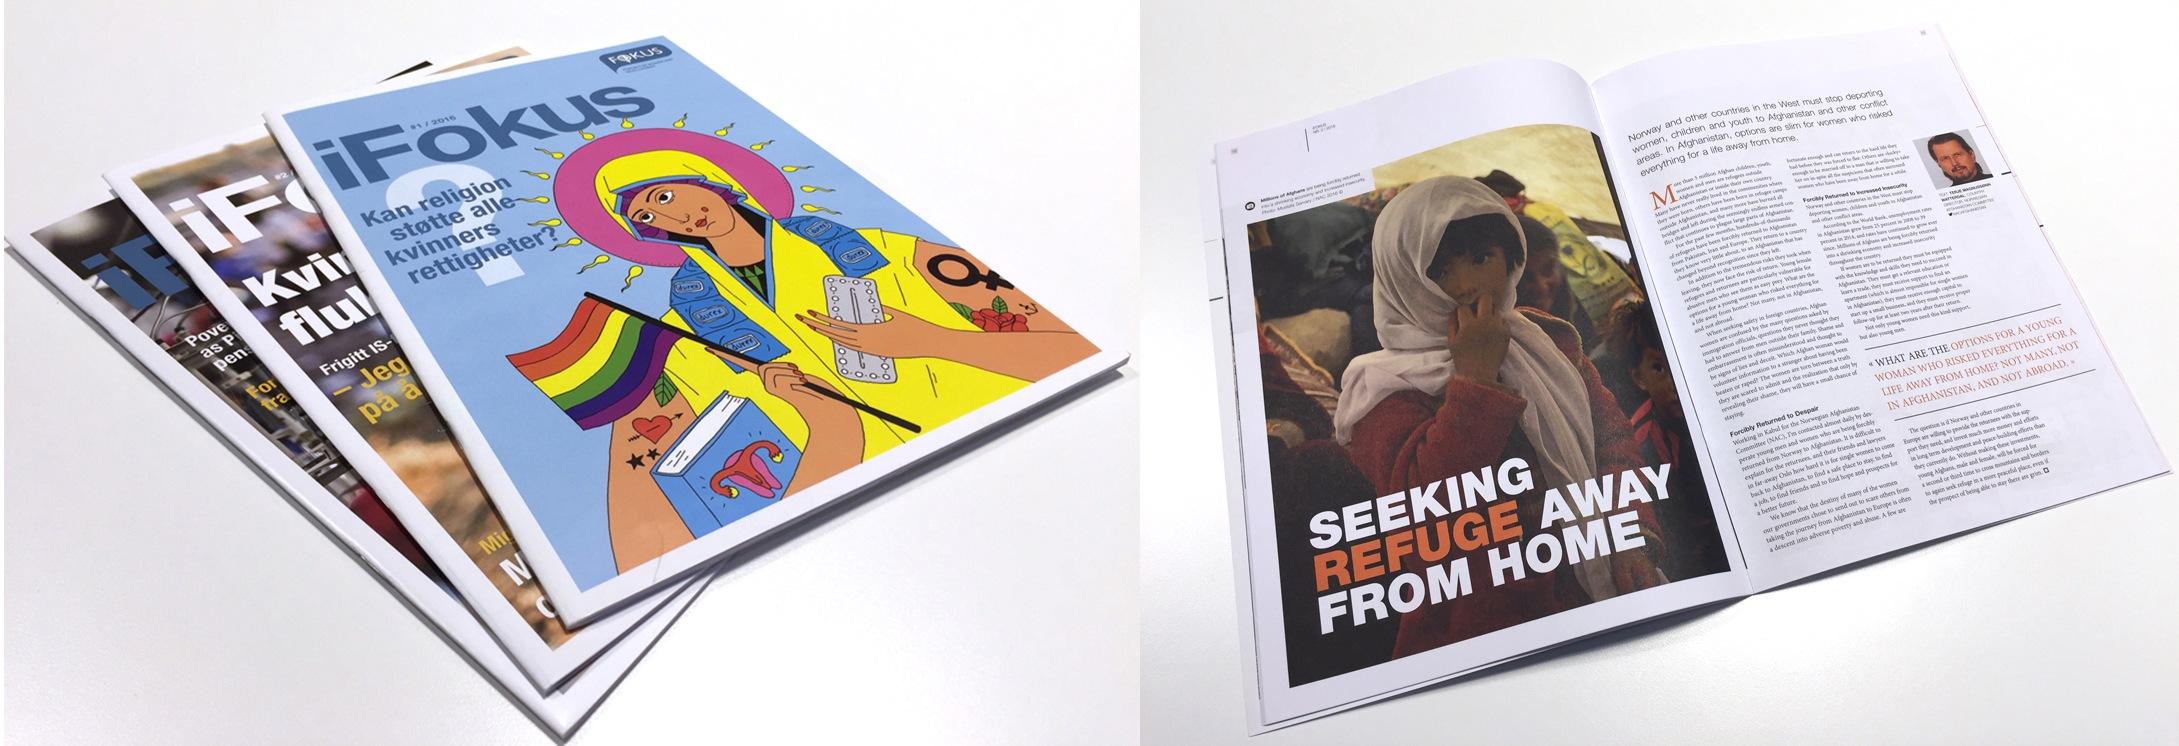 Magasinet iFokus laget av Oktan Oslo